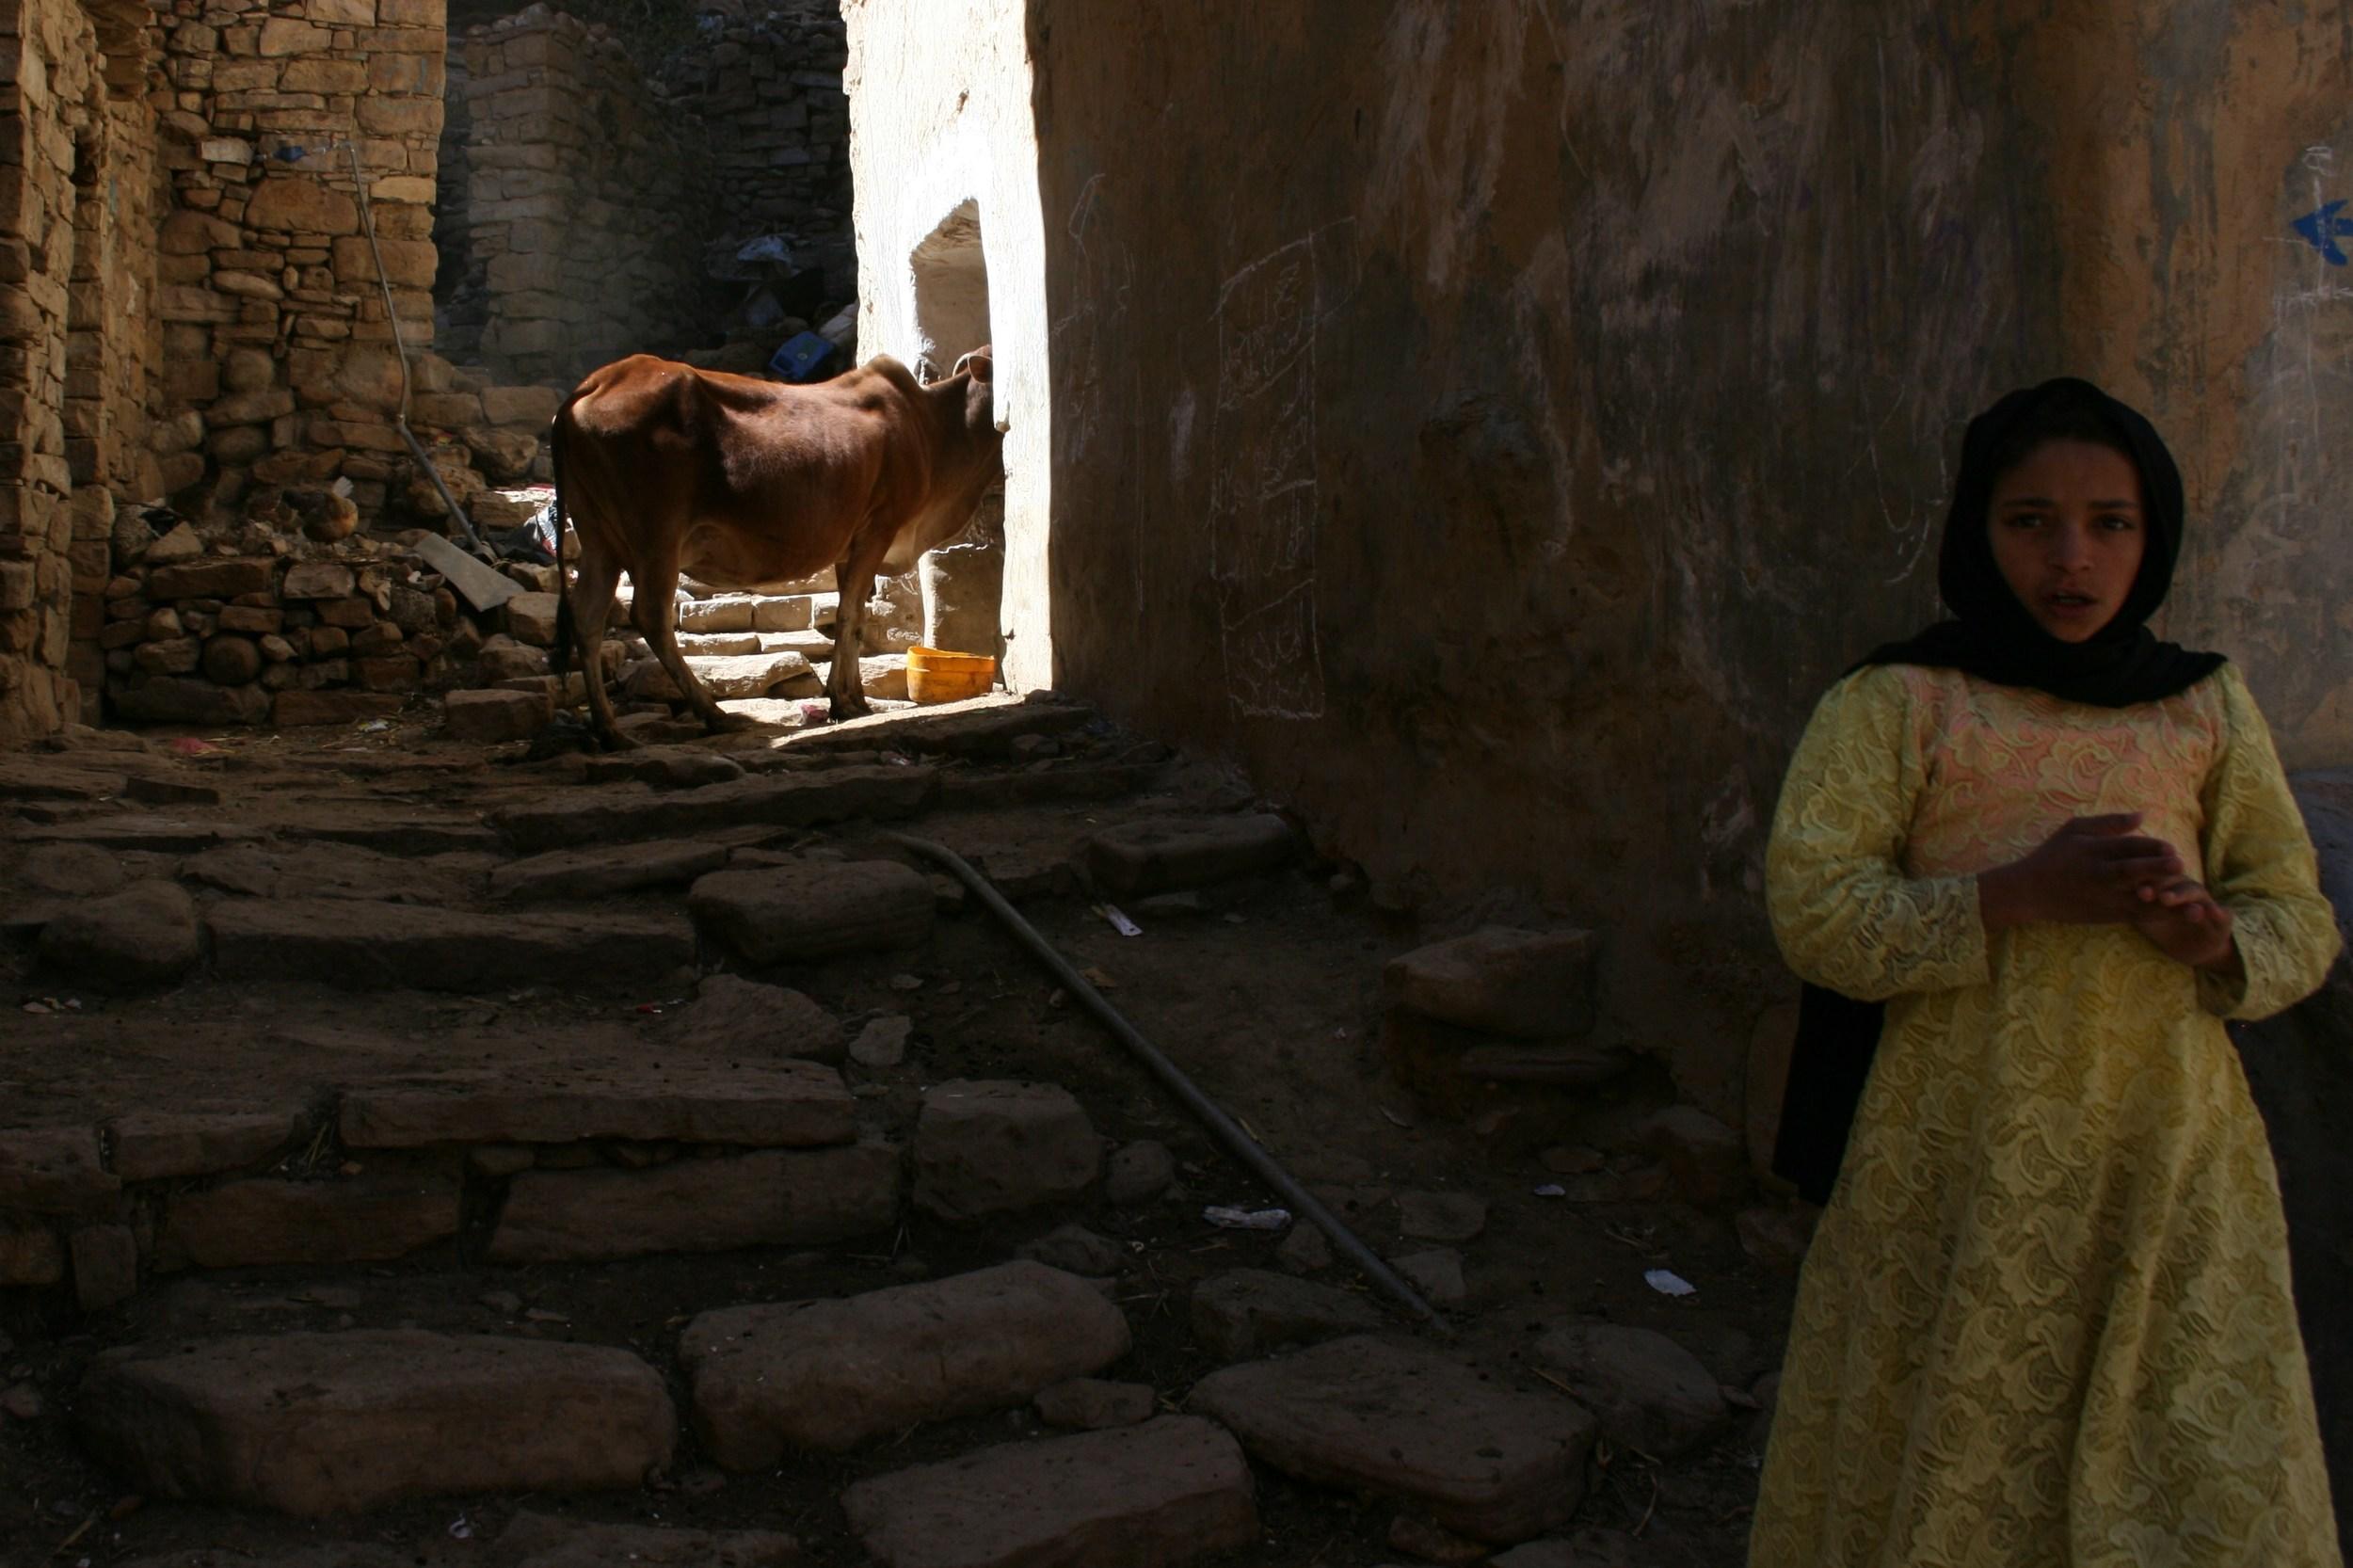 Child in Thula, Yemen